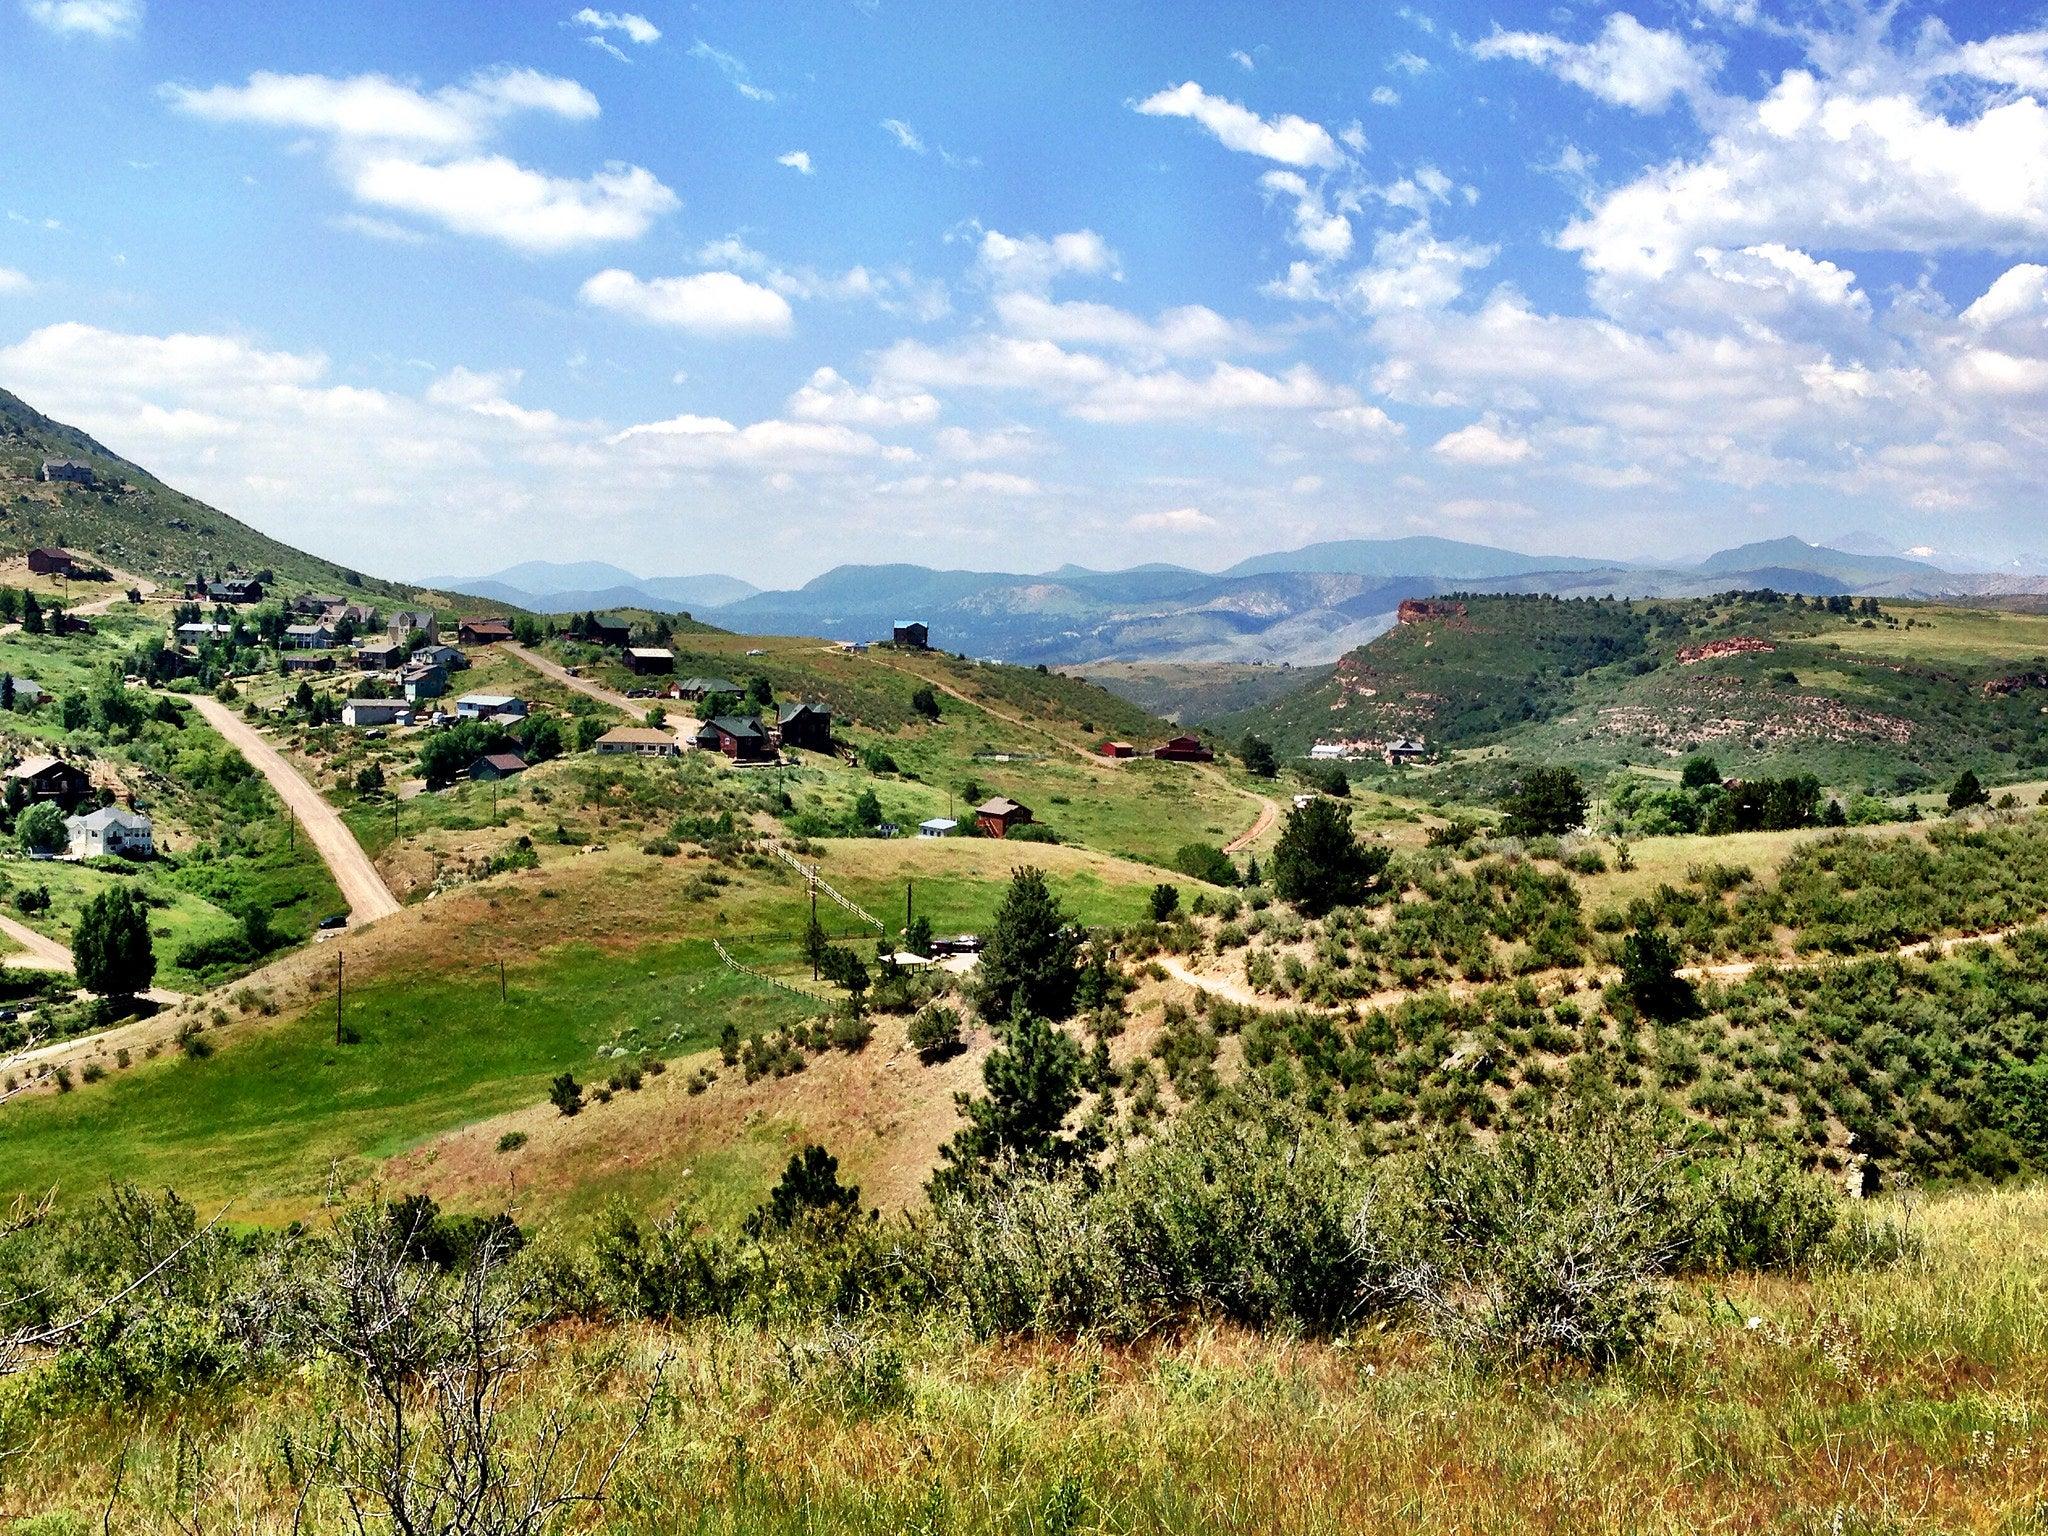 (Photo from iStockphoto.com)